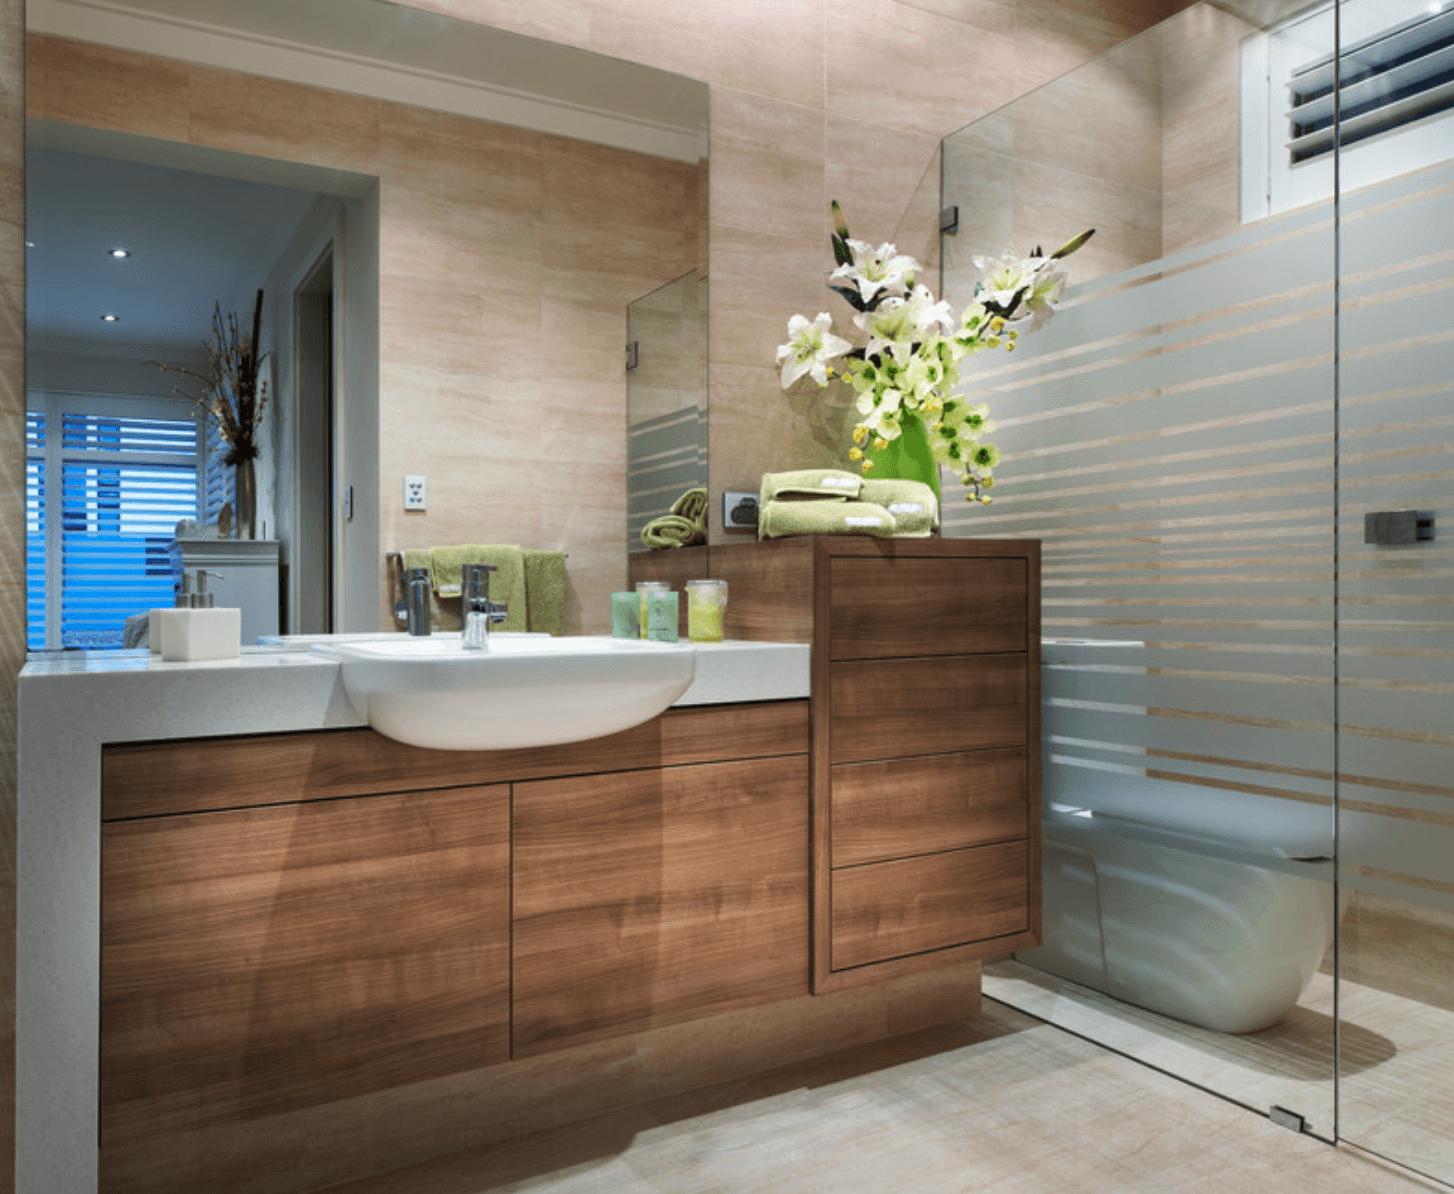 25 Banheiros Planejados Arquidicas #1B6FB0 1454x1194 Banheiro Armario Planejado